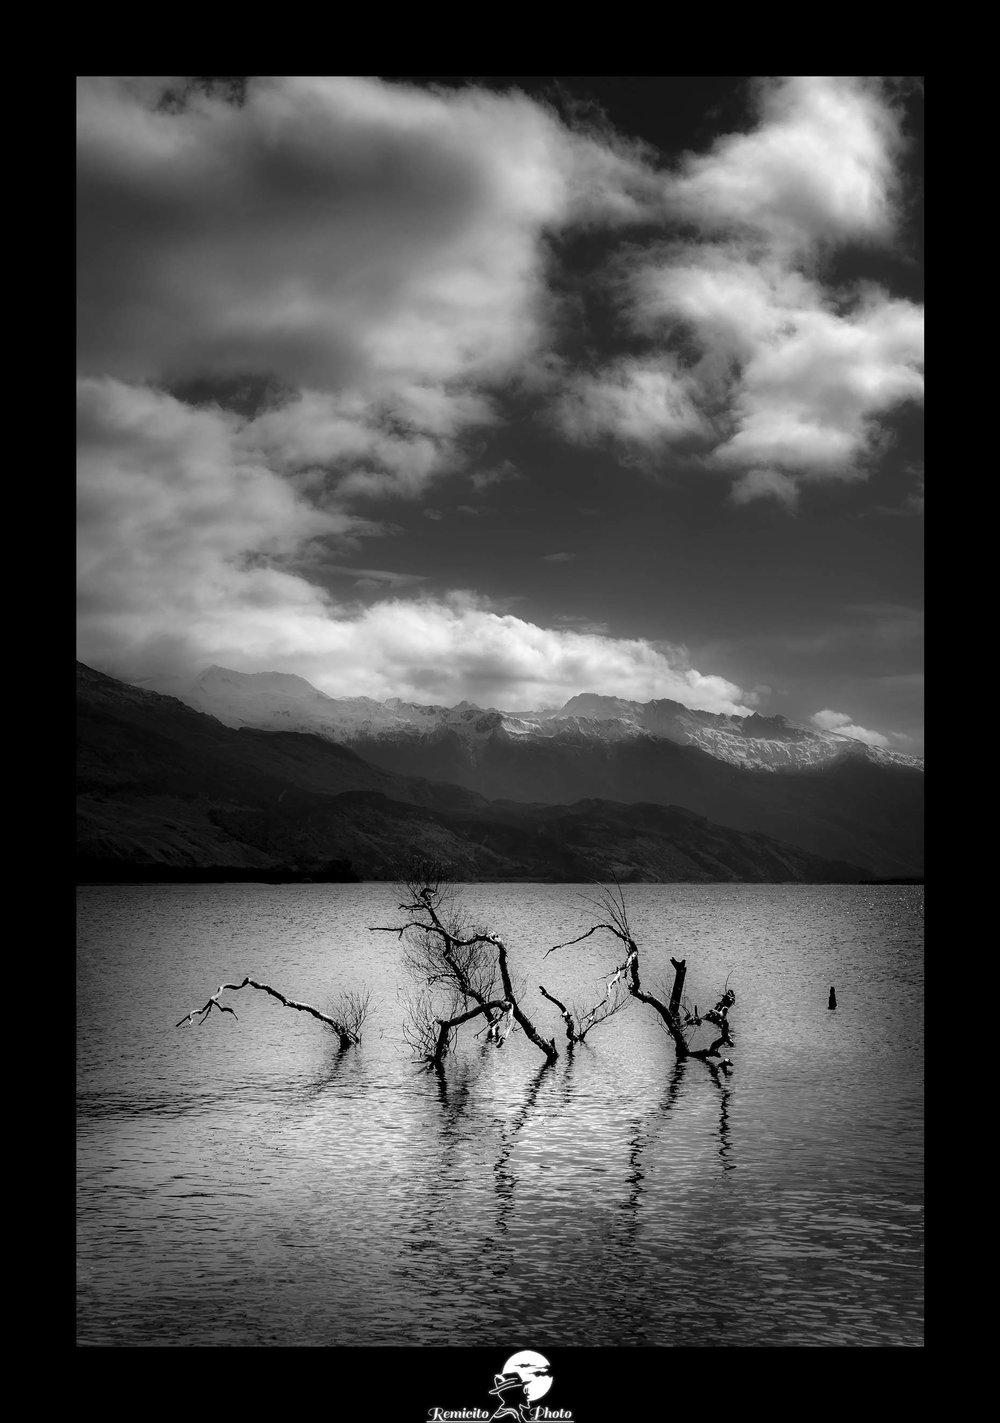 Remicito photo, remicito rémi lacombe photographe paris, belle photo idée cadeau noir et blanc, arbre lac noir et blanc